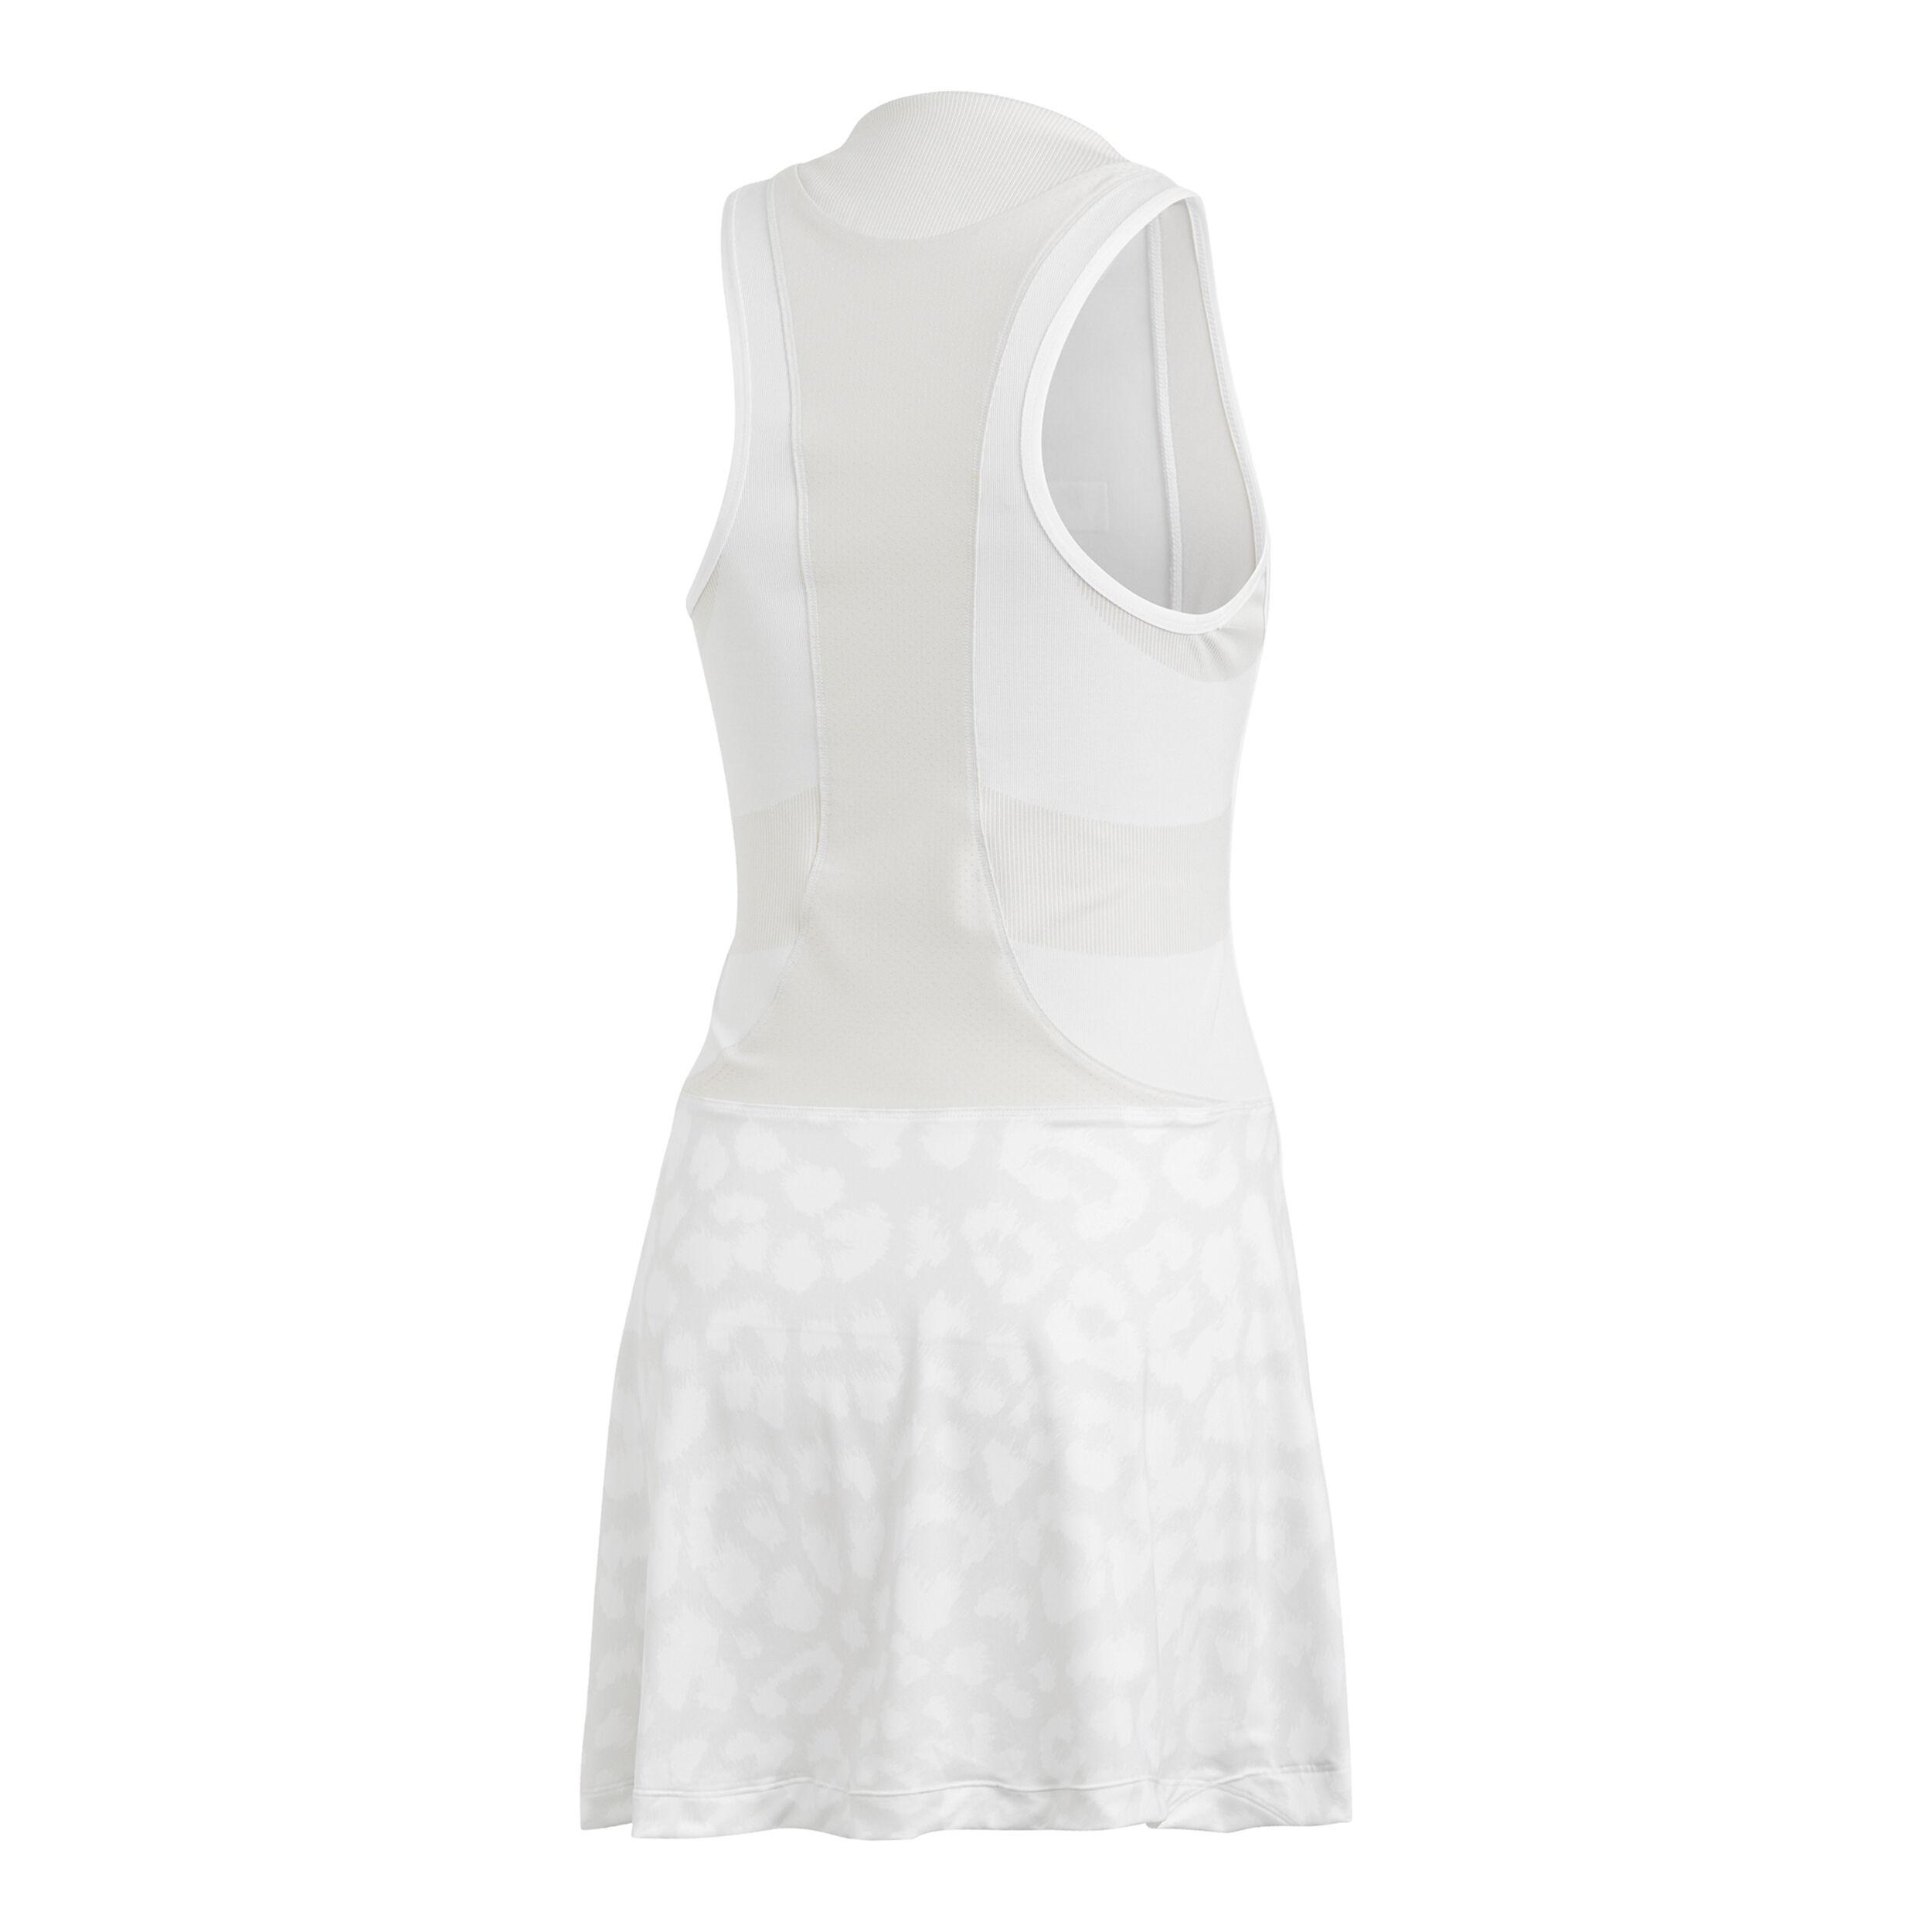 stella mccartney weiß tennis kleid factory store 967bc 1654b